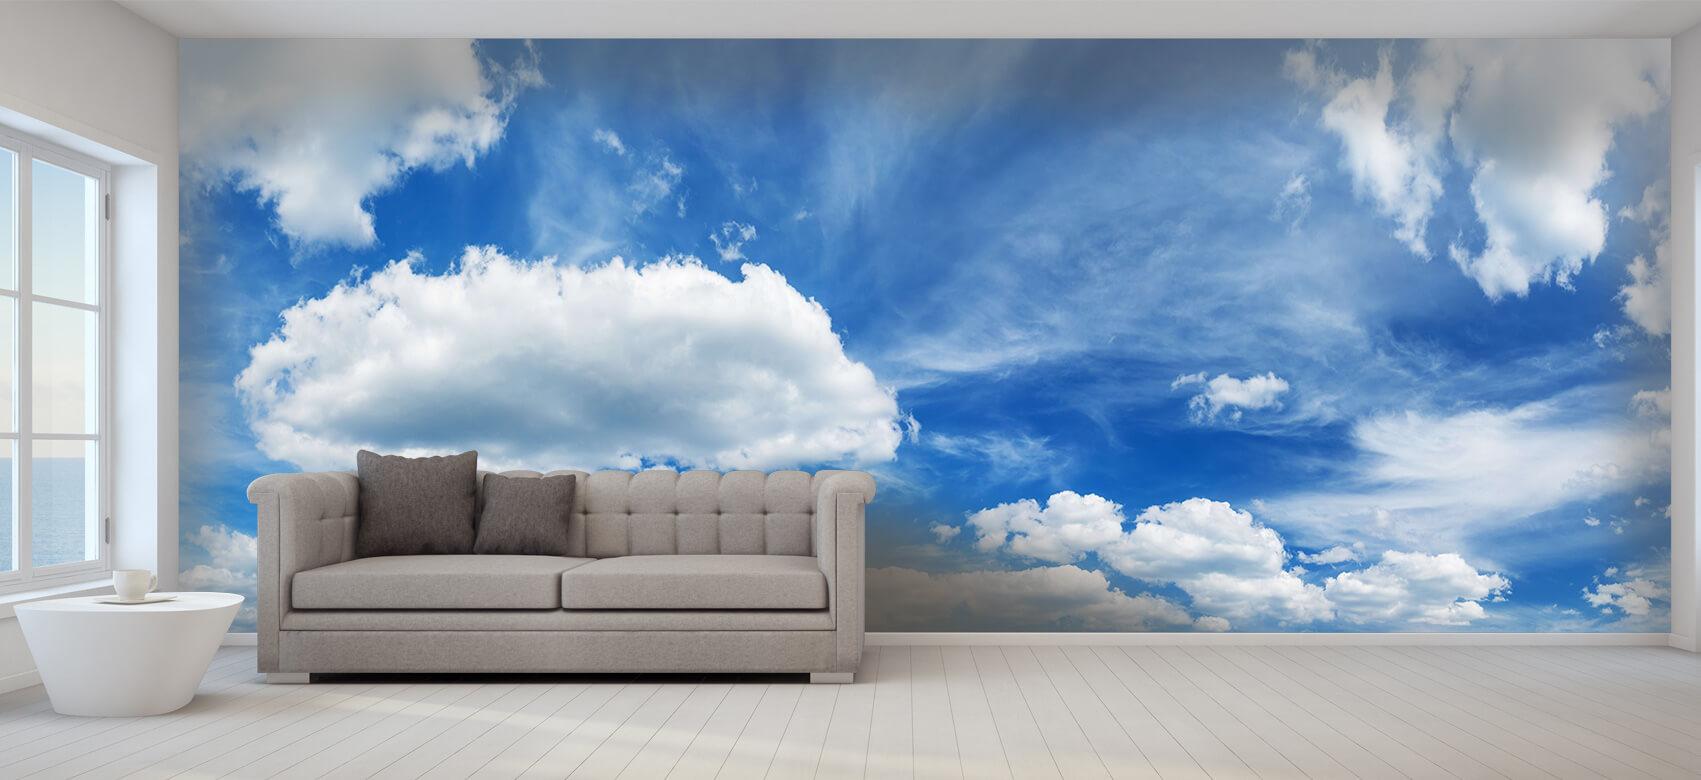 Natuur Blauwe lucht met wolken 1